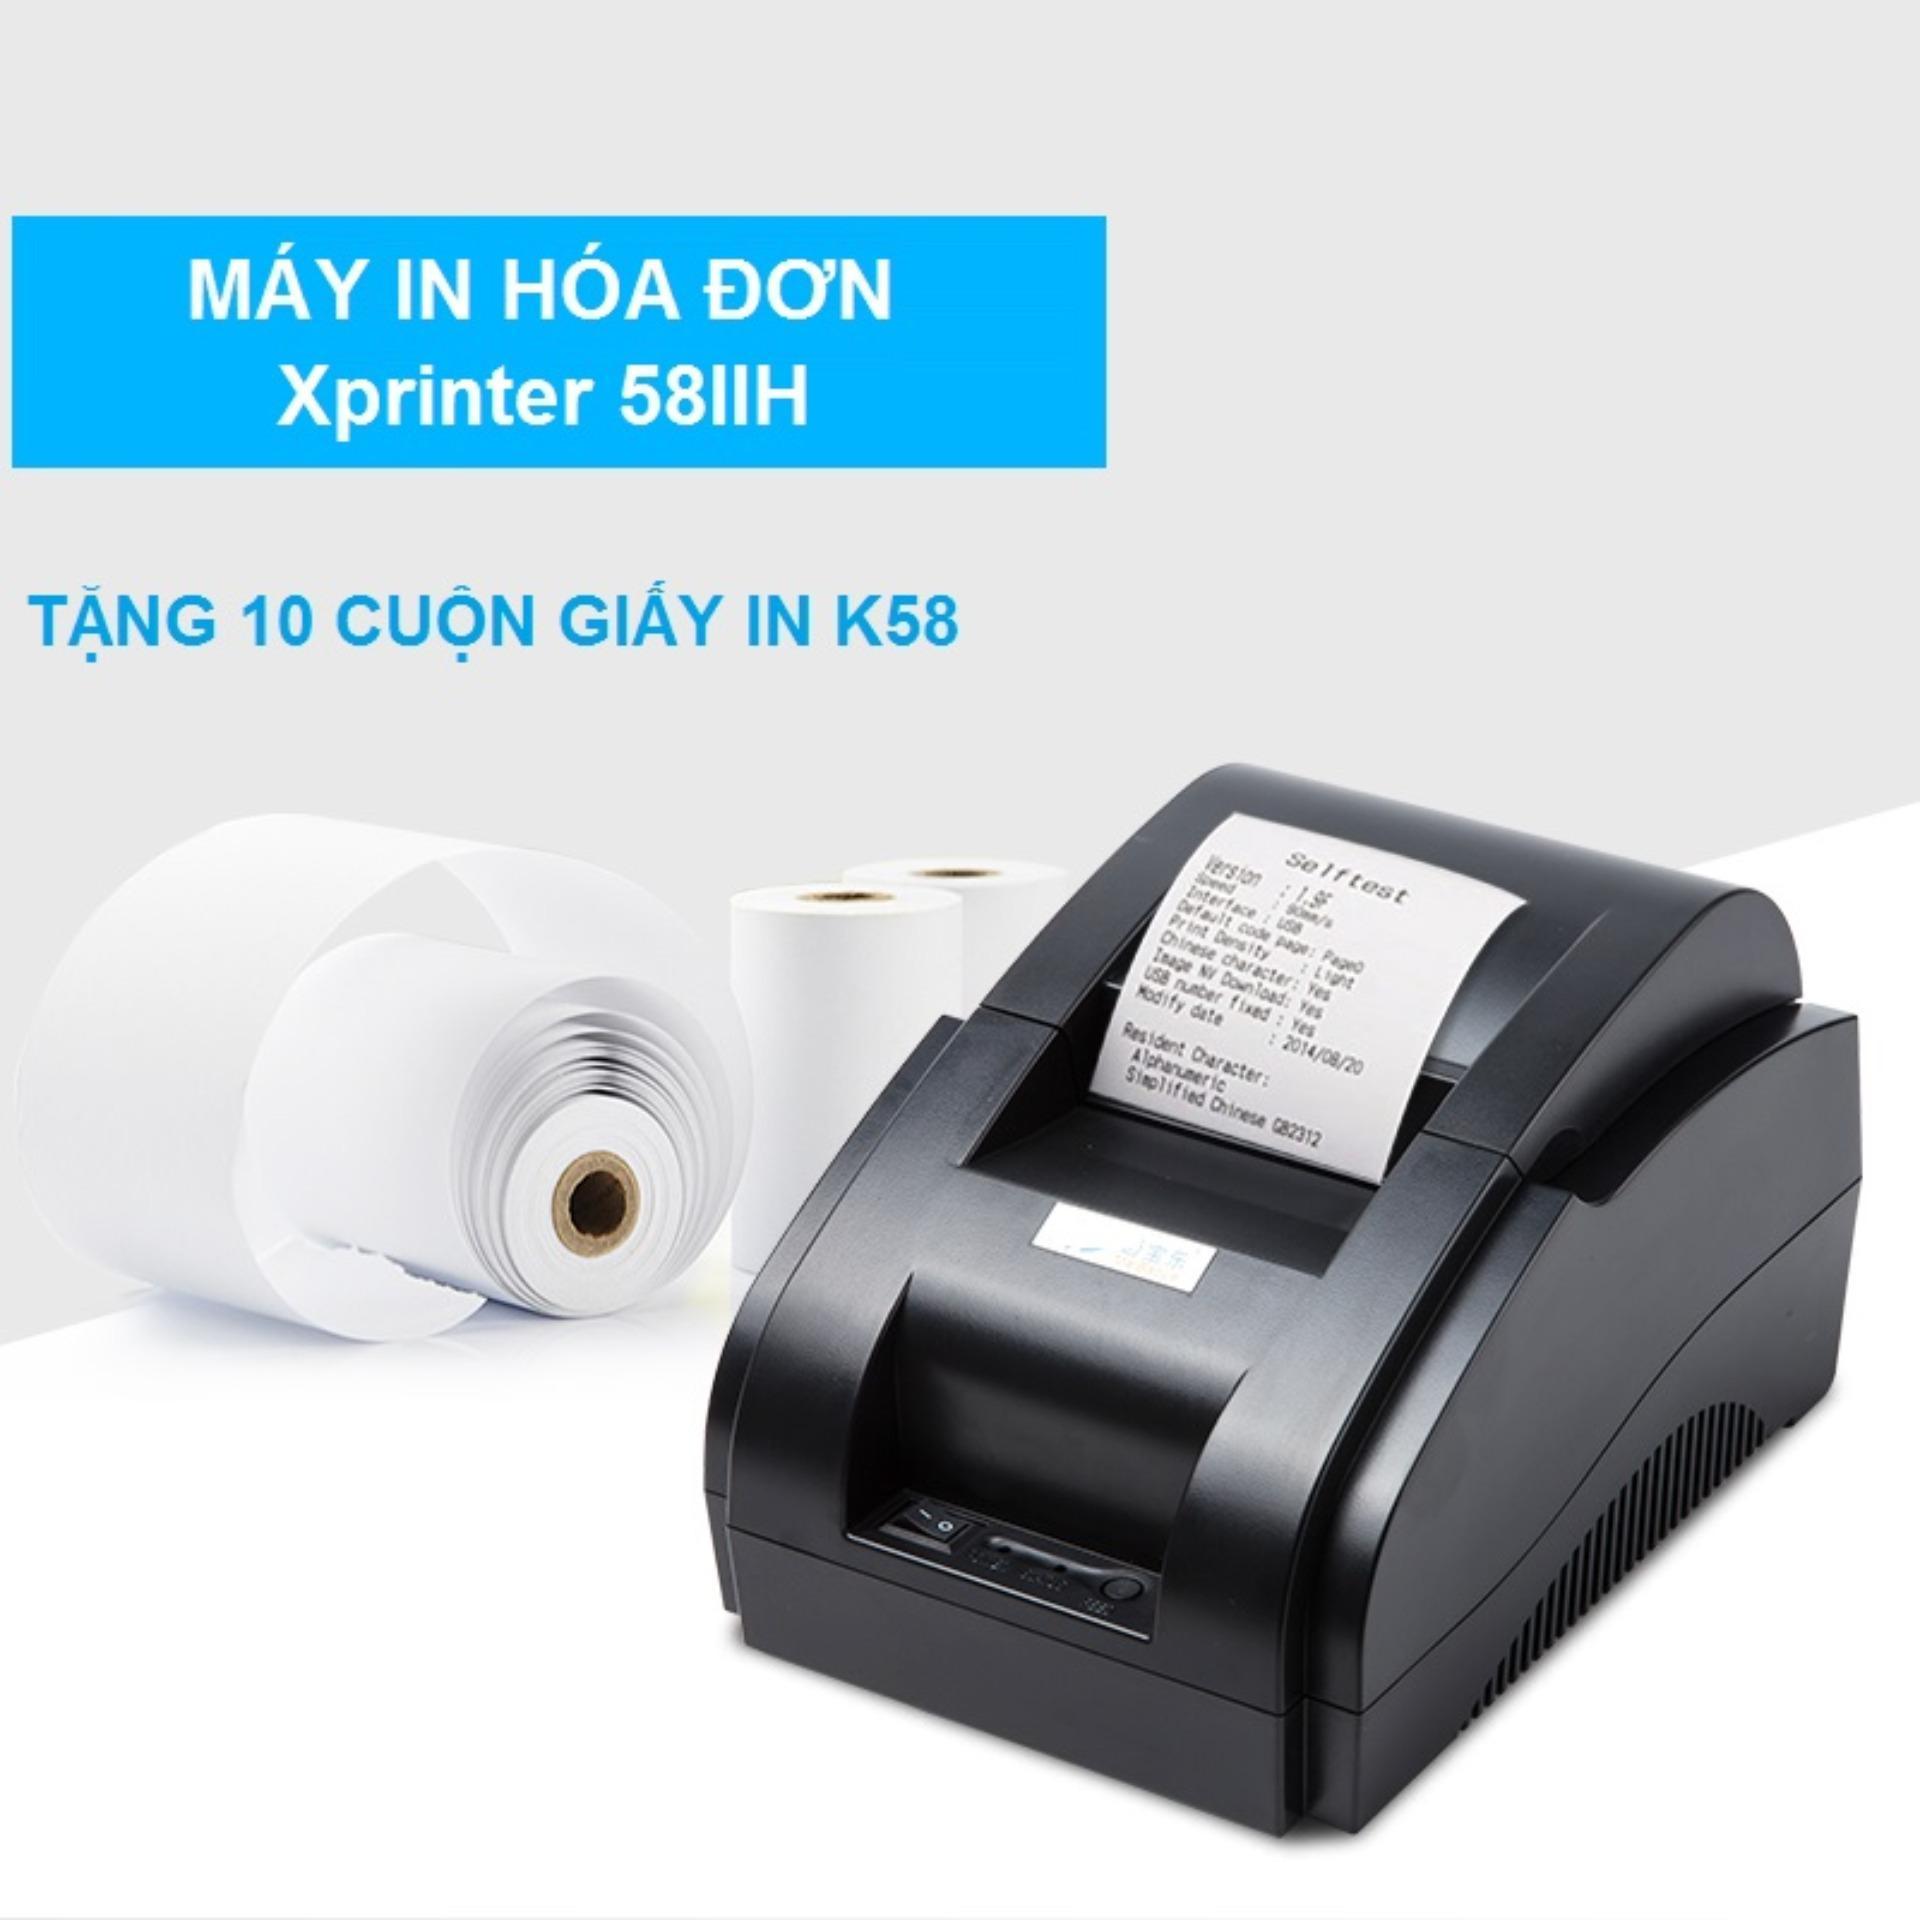 Máy In Hóa Đơn Xprinter 58iih Khổ Giấy K58 Free 10 Cuộn Giấy In By Sieuthihangcongnghe.